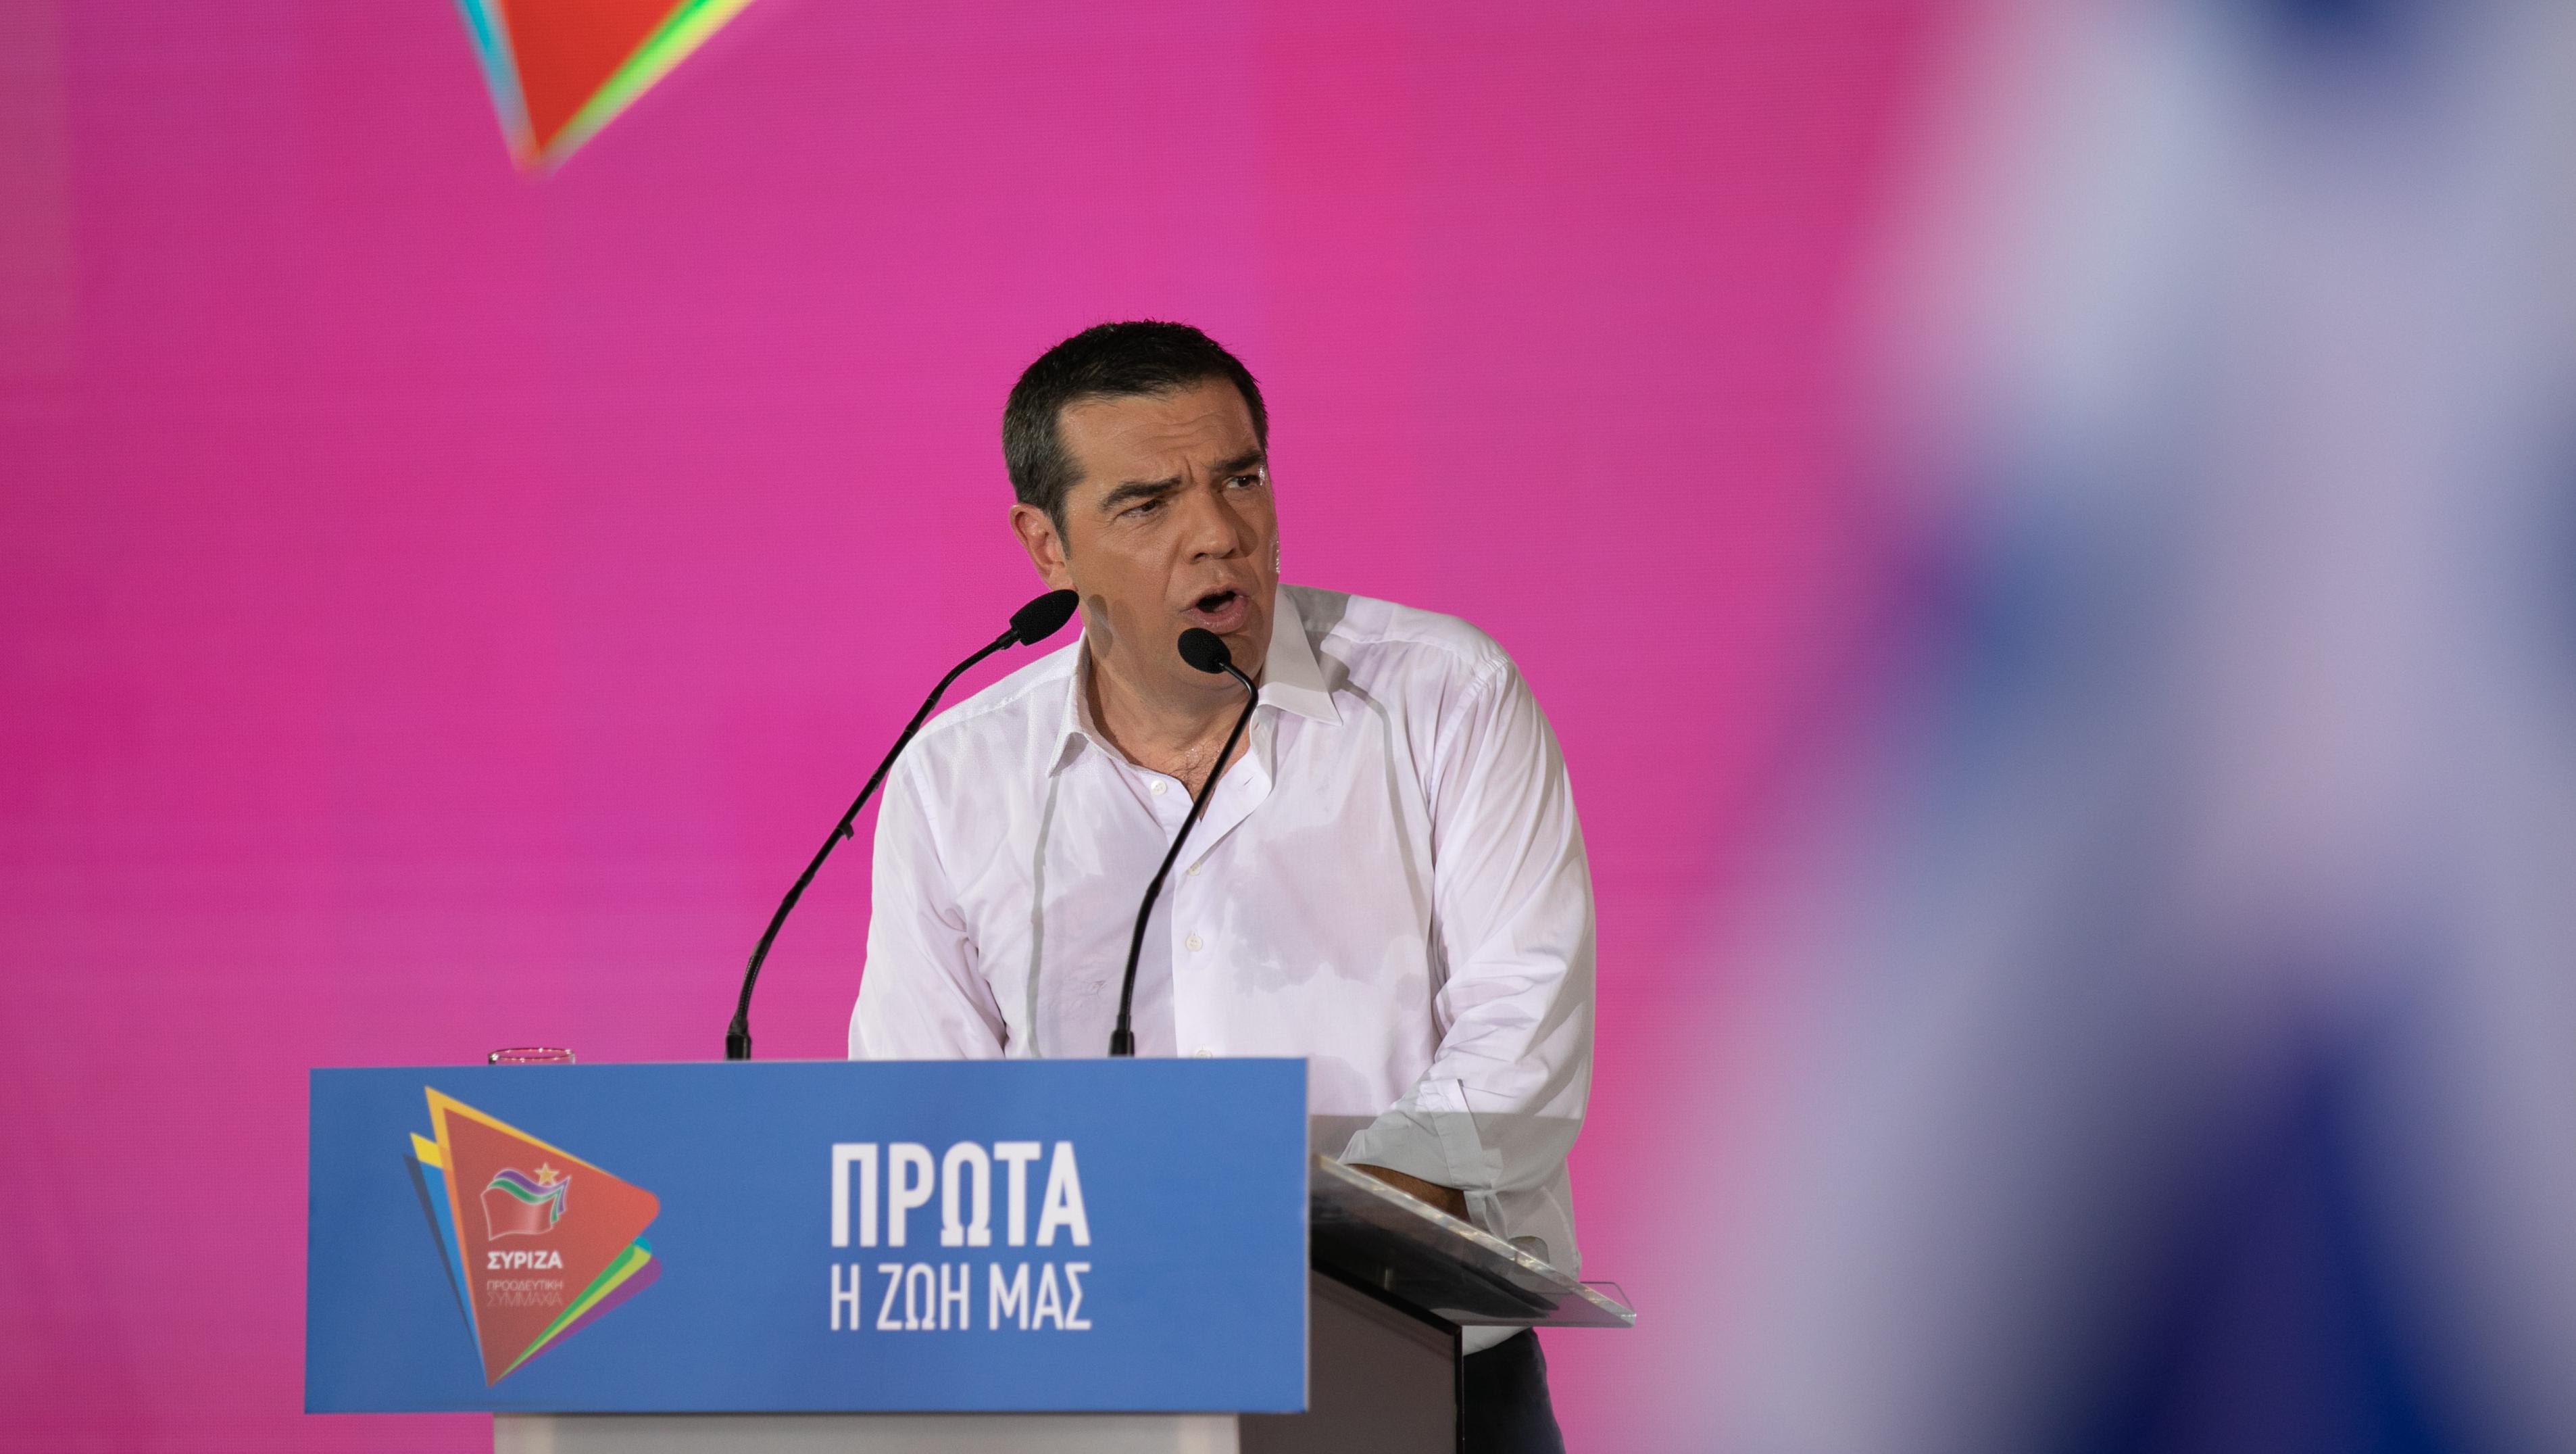 希腊总理齐普拉斯出席竞选活动